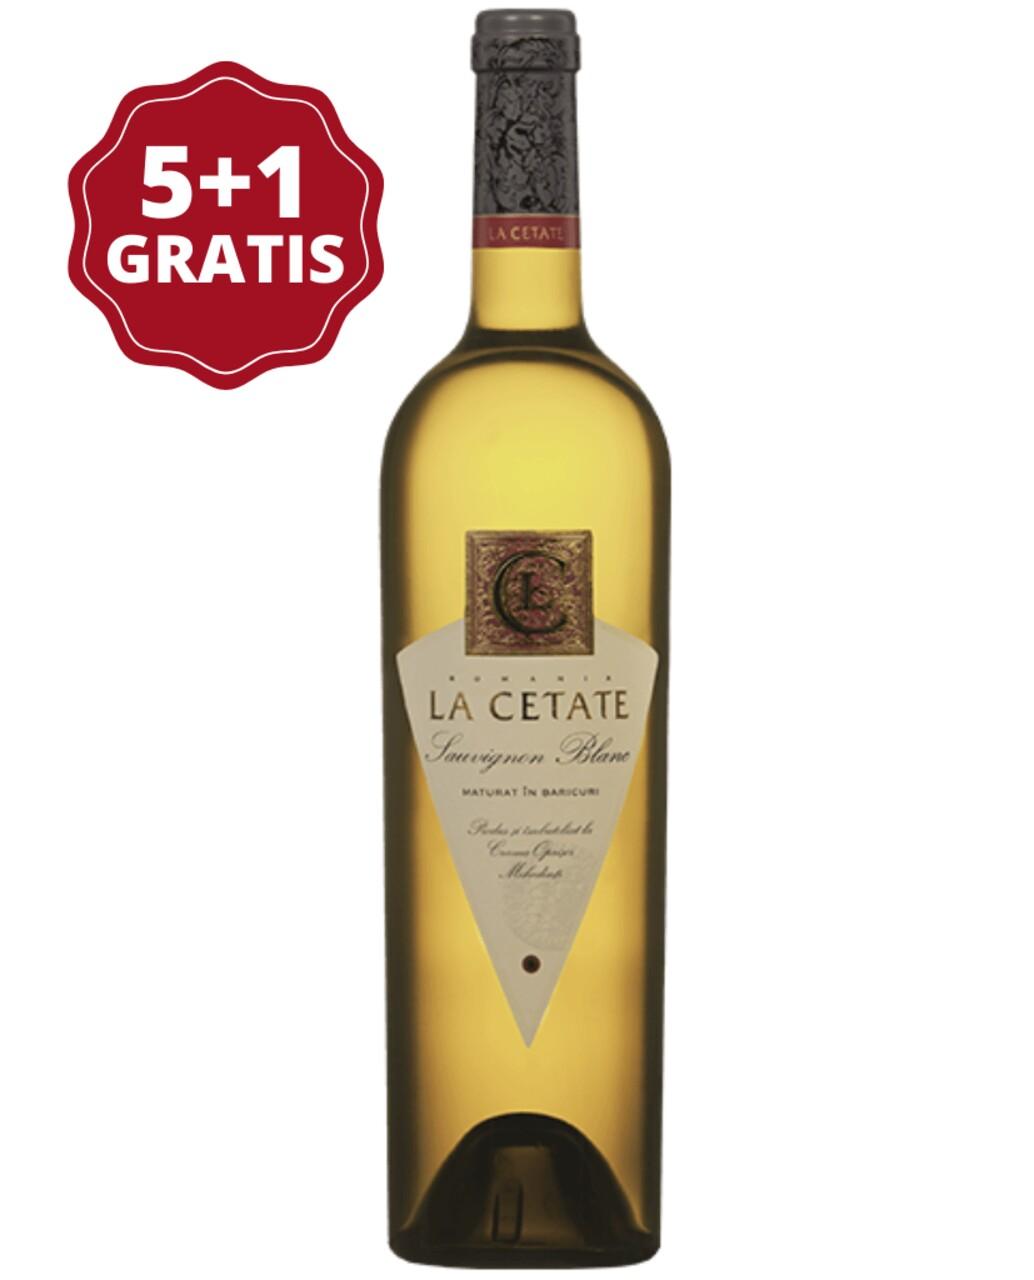 Oprisor La Cetate Sauvignon Blanc 5+1